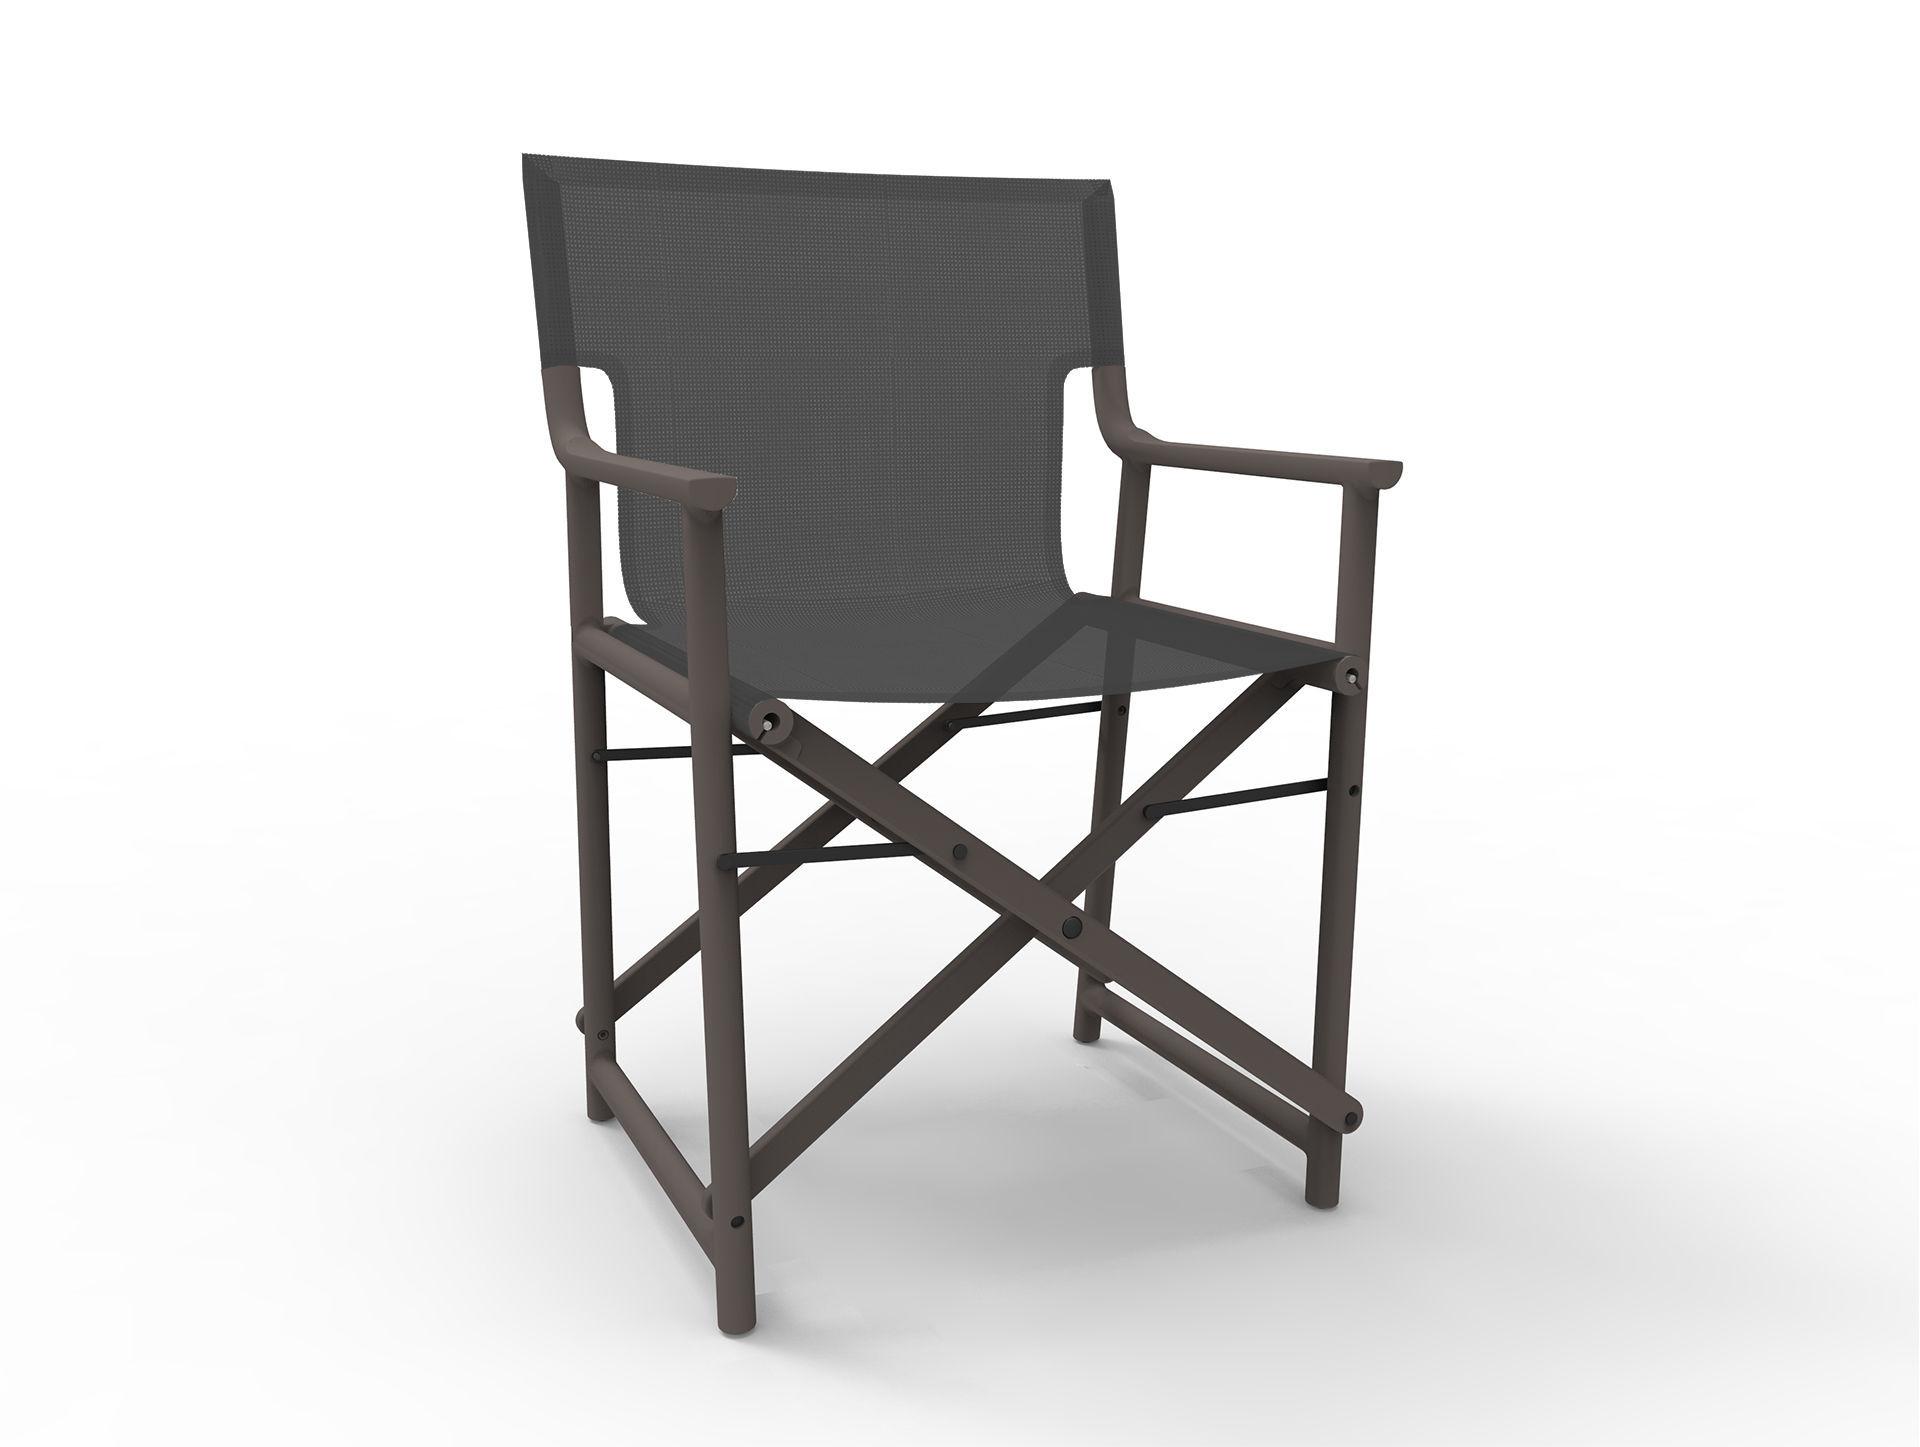 Silla moderna plegable de director de cine de pl stico